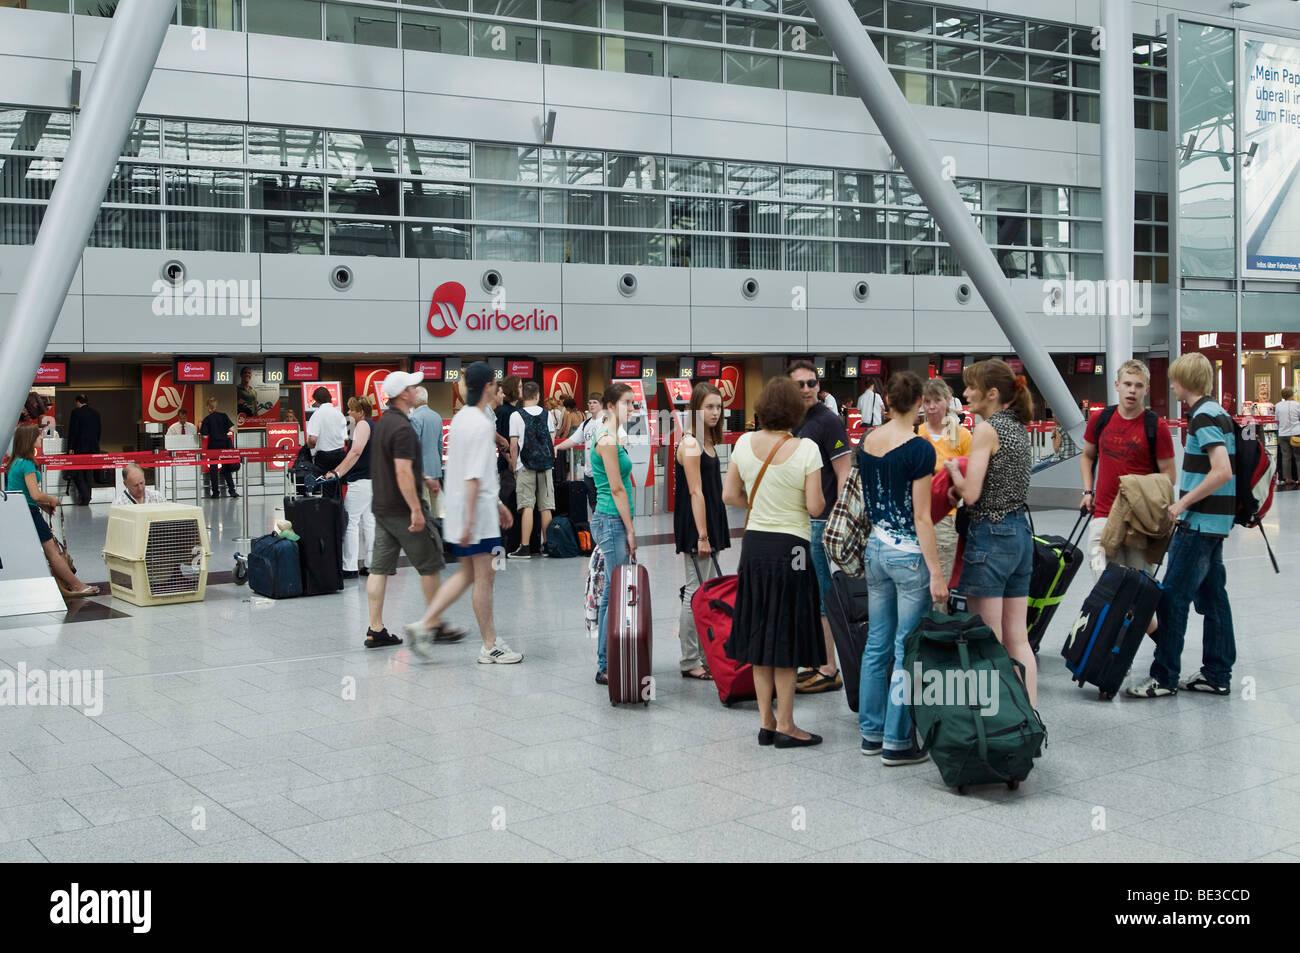 Flughafen Check In Stockfotos & Flughafen Check In Bilder - Alamy